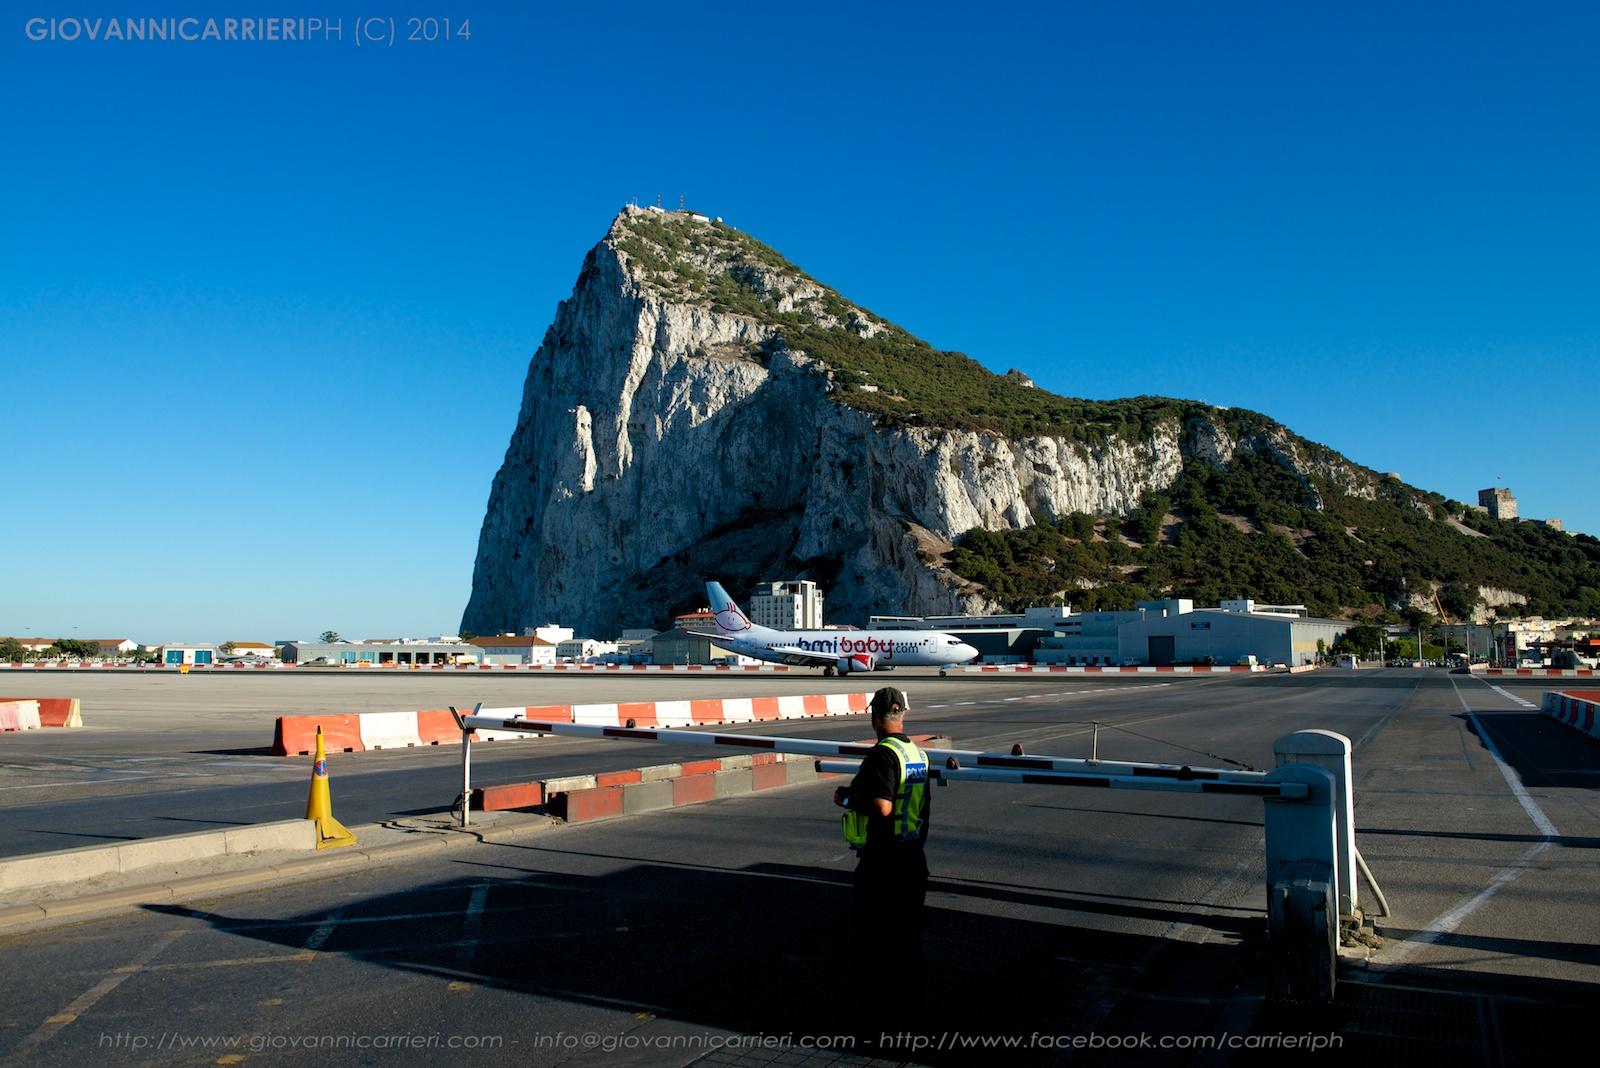 Aereo atterratto nell'aereoporto di Gibilterra